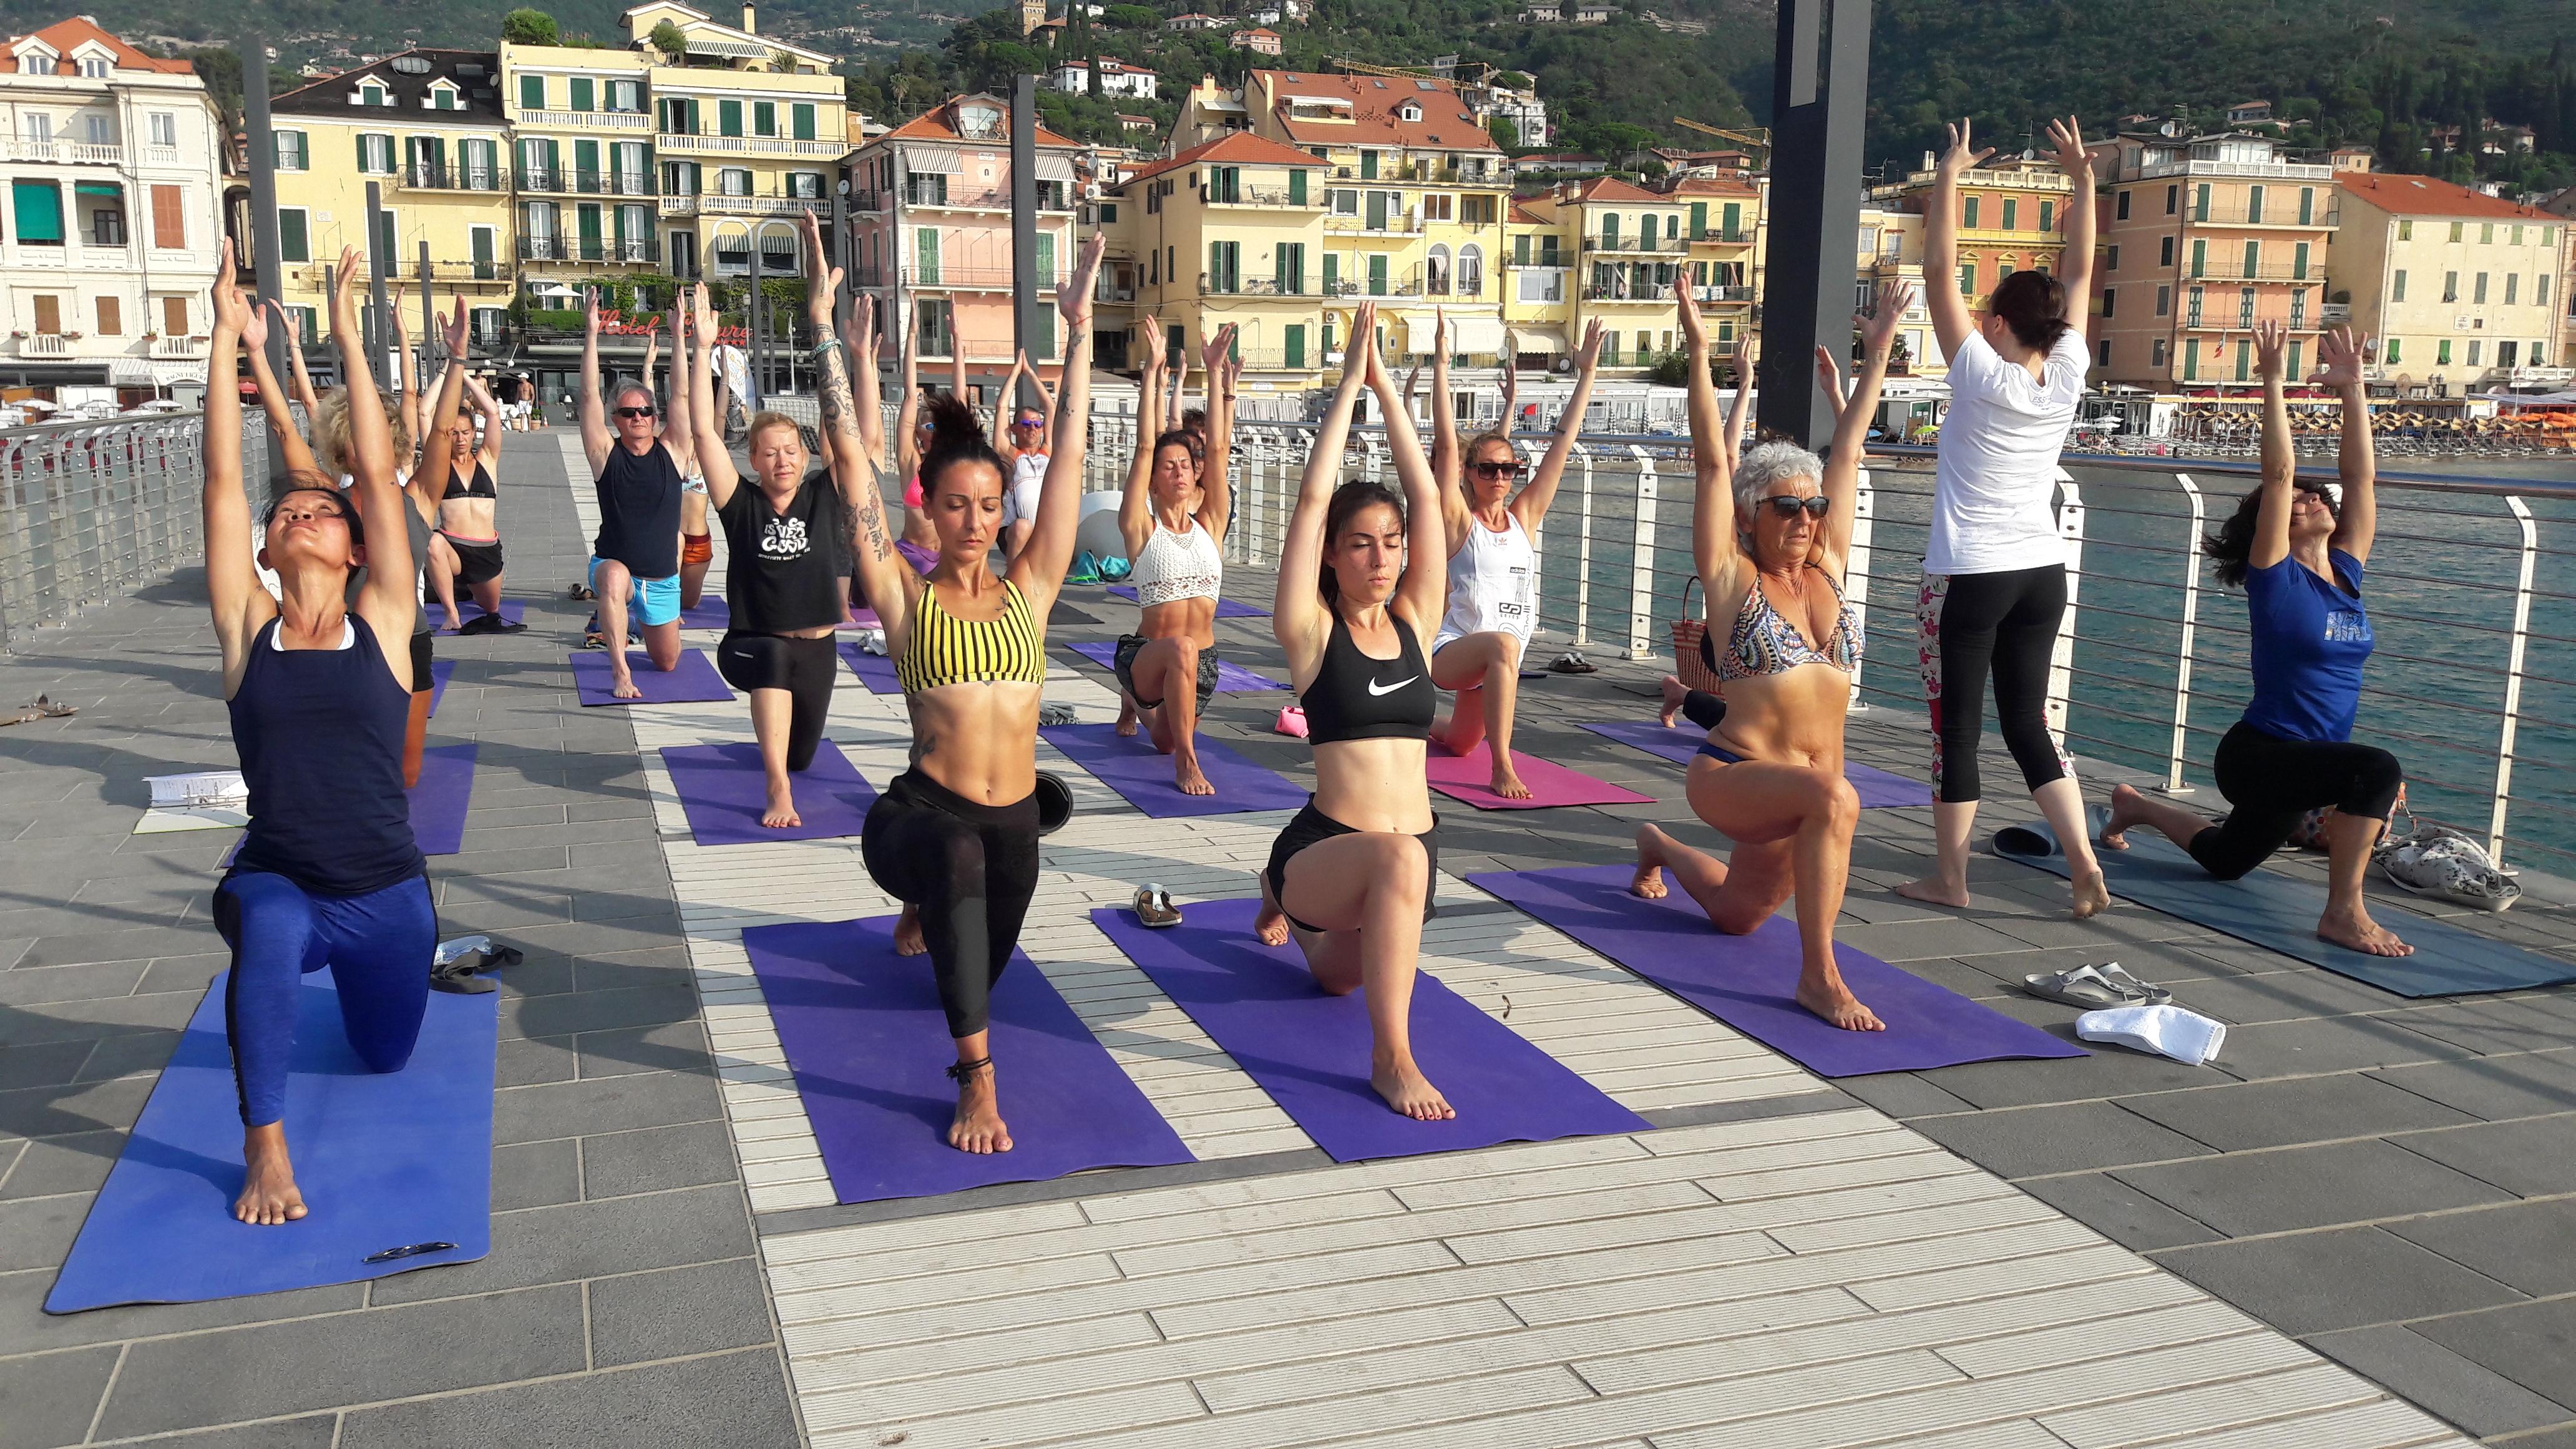 essere-free-yoga-gratuito-benessere-per-tutti-village-citta-alassio-estate-lucia-ragazzi-summer-town-wellness-030